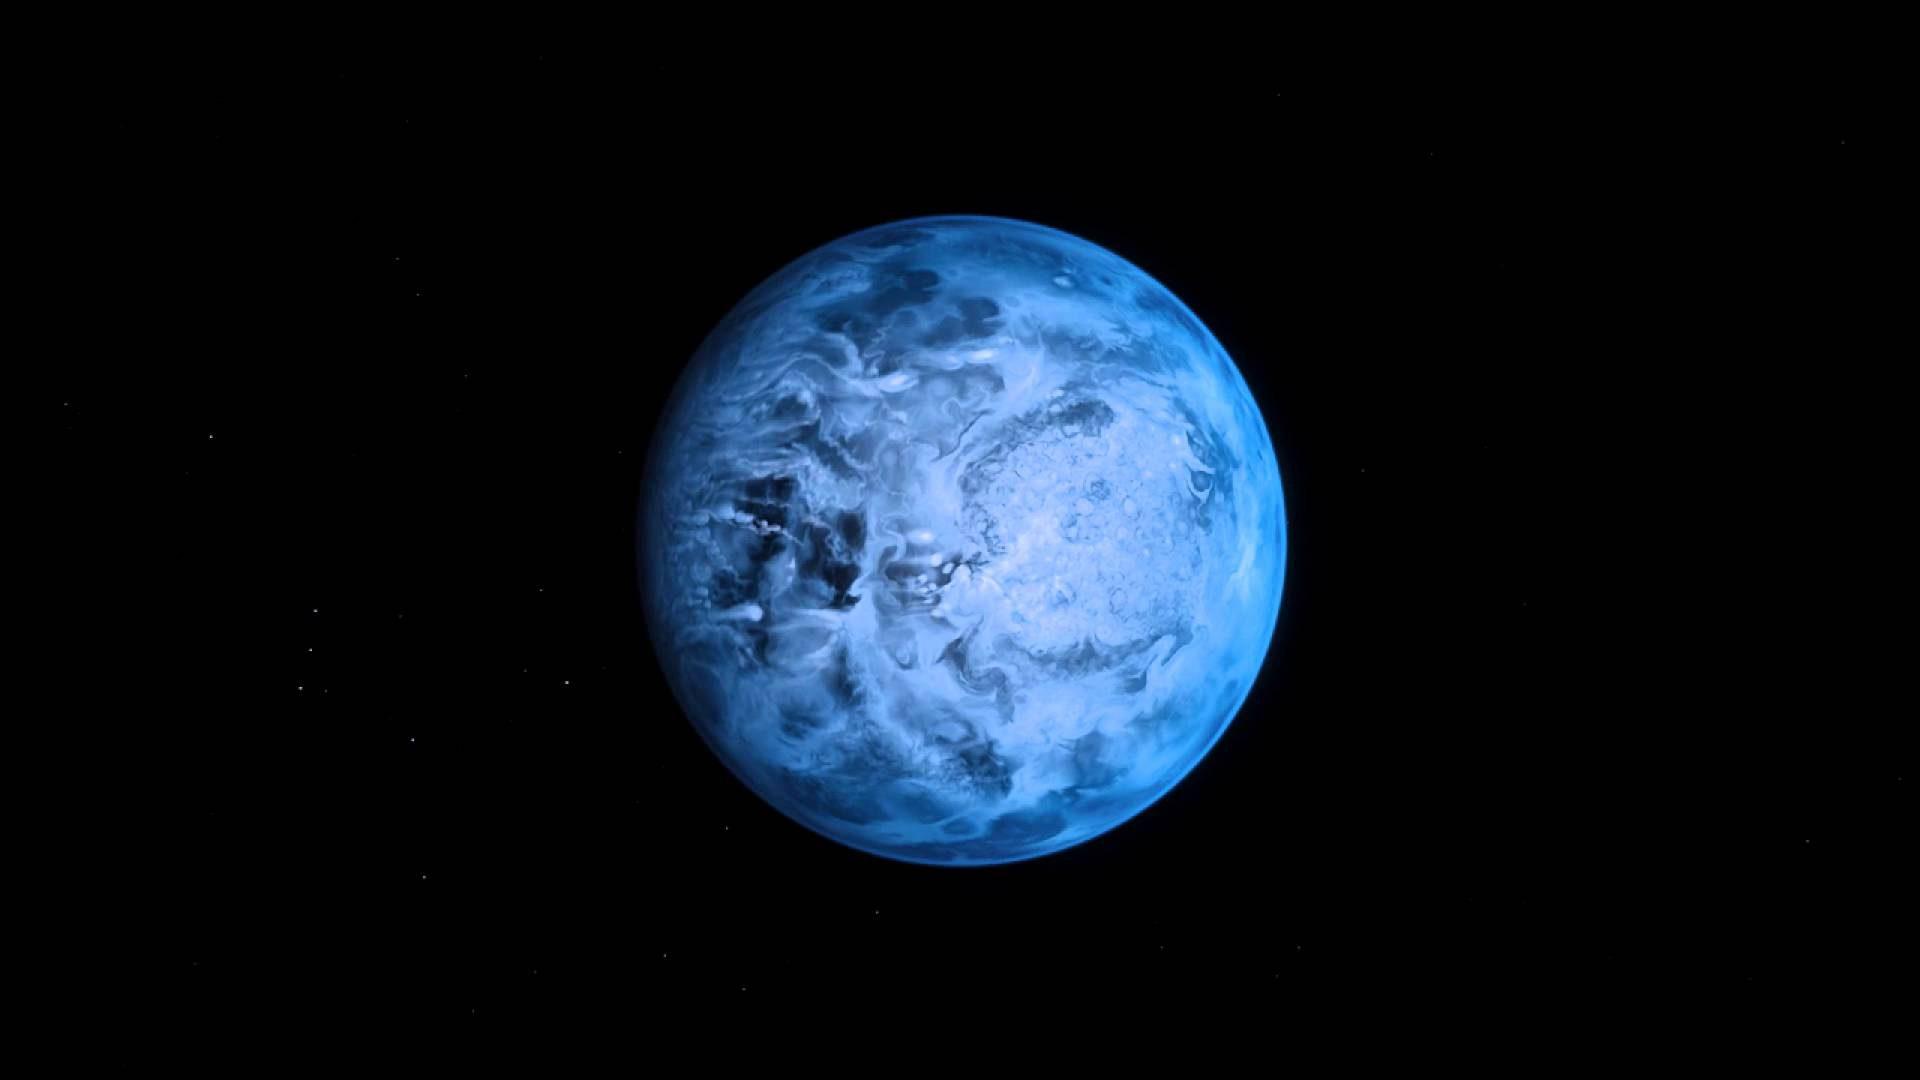 Spazio: elio su HD 189733b, il pianeta 'più infernale' mai scoperto